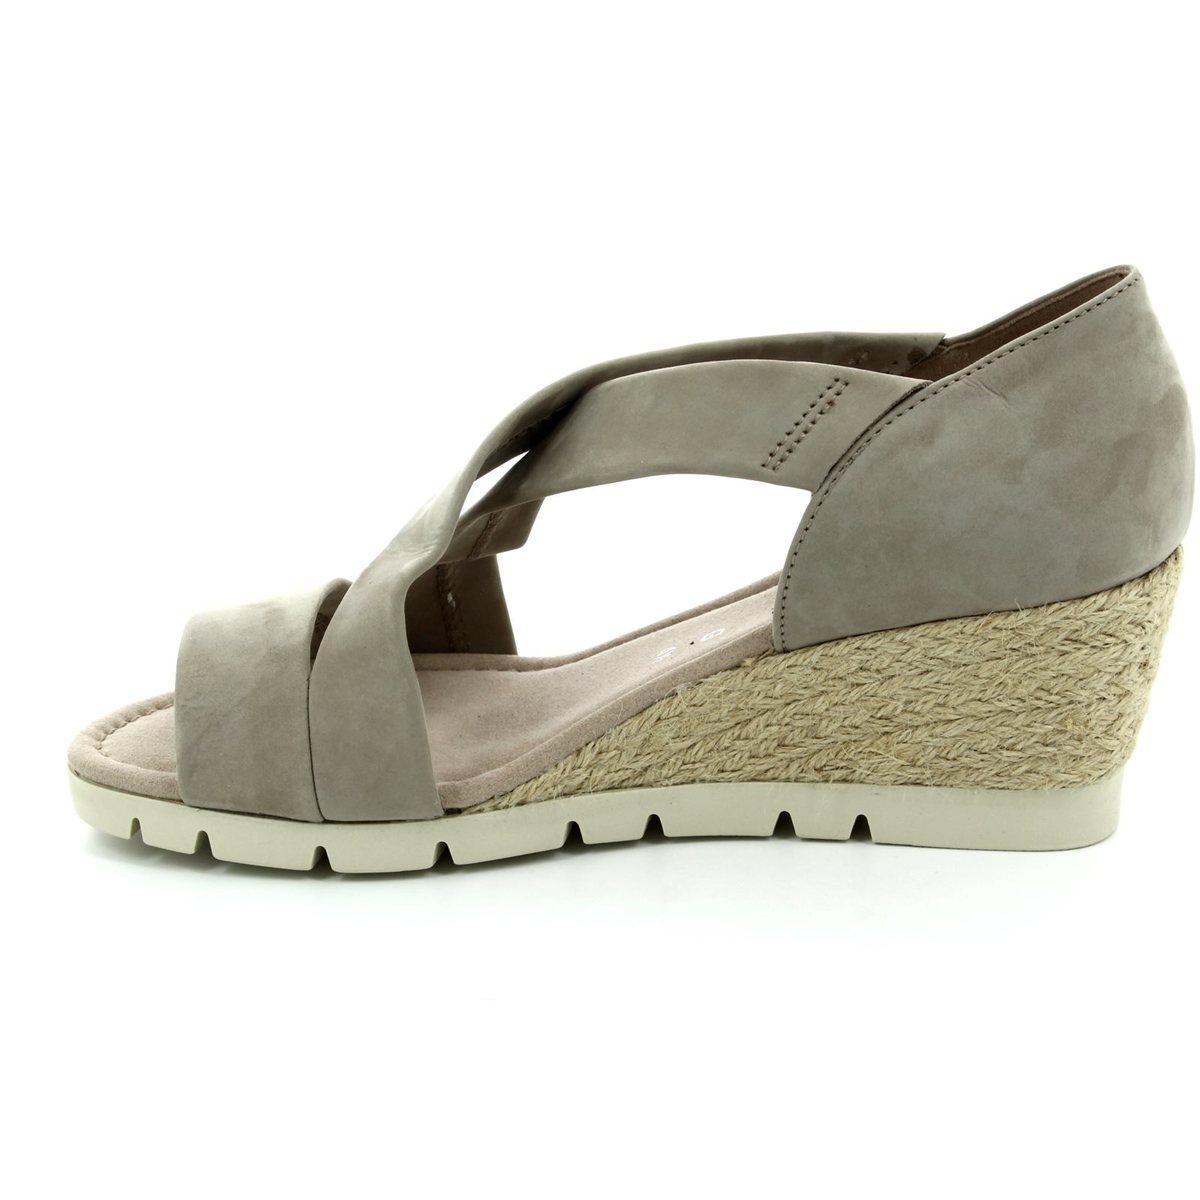 Spielraum Rabatte Gabor Lisette Wedge Sandal 62.853 5 Navy Die Offizielle Website Zum Verkauf Kaufen Billig Großhandelspreis aeWLs